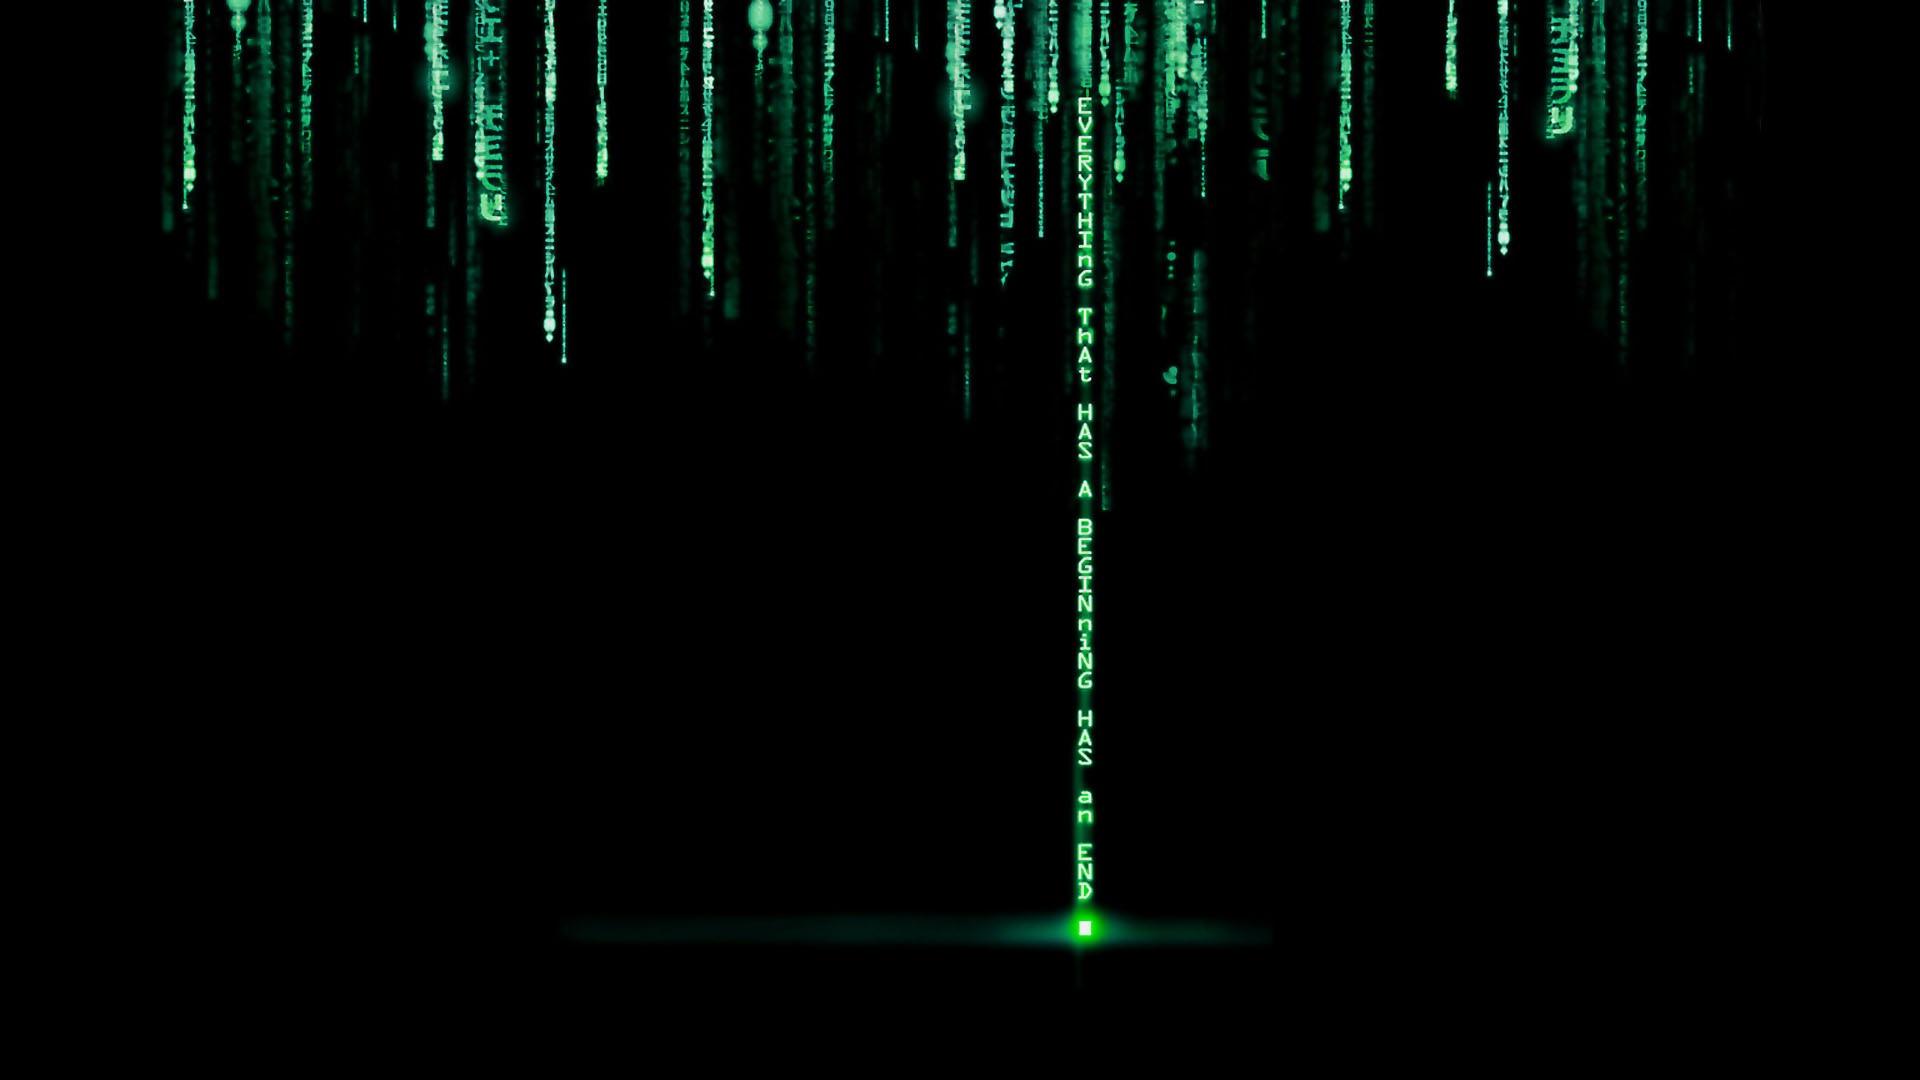 Download Matrix Code Wallpaper 1920x1080 Wallpoper 370849 1920x1080